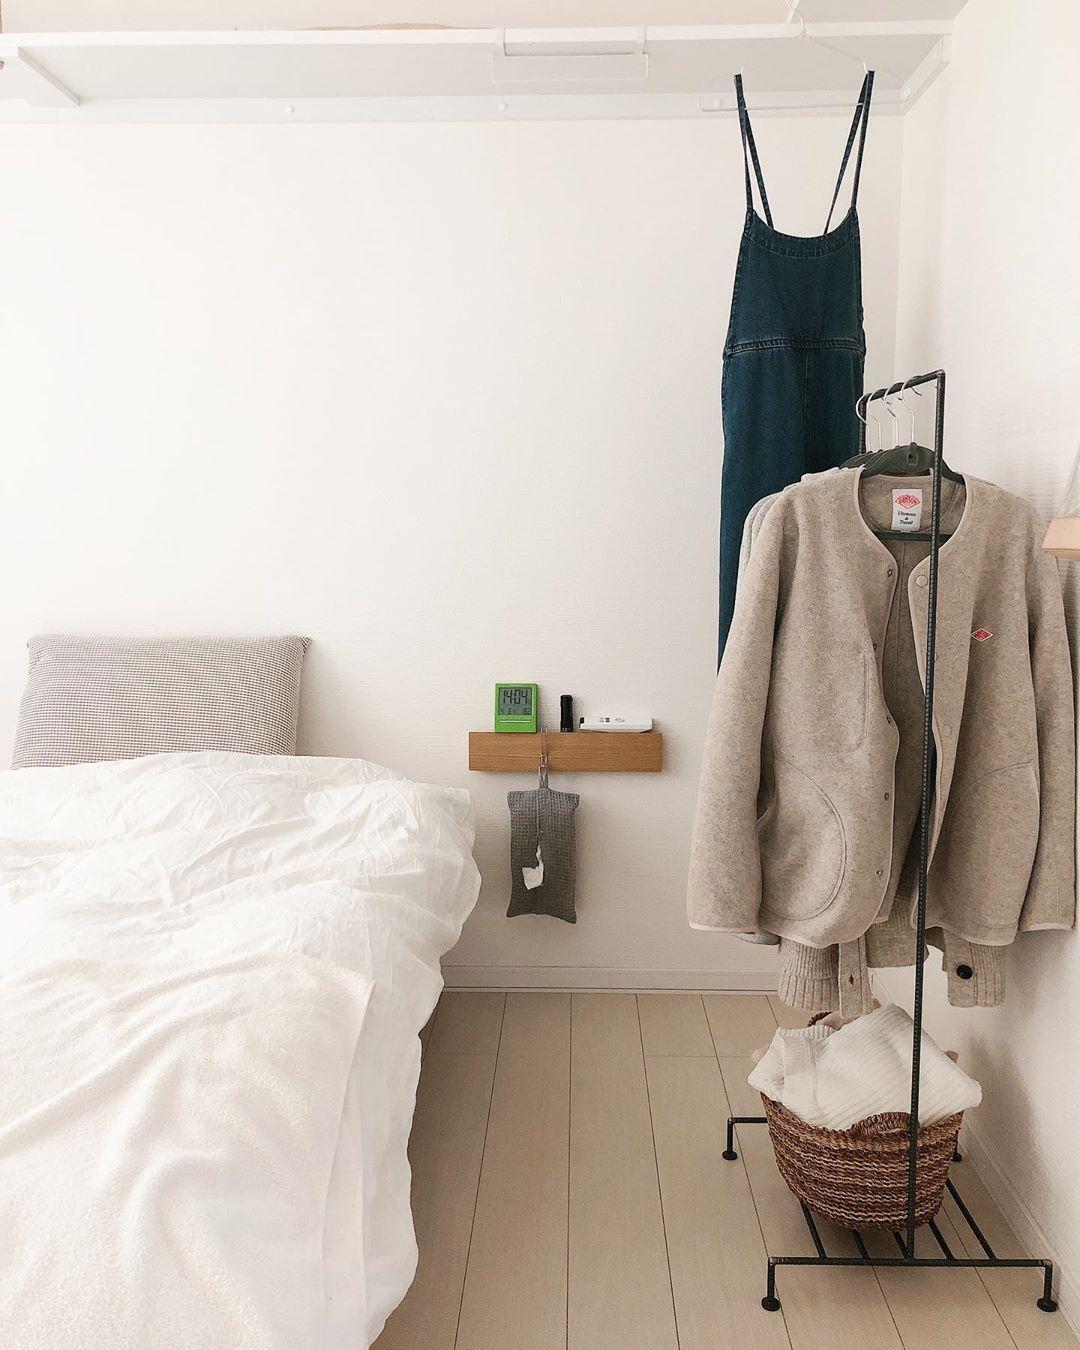 スマホやティッシュなど、ベッド周りに置いておきたいアイテム、最もミニマムな収納を叶えるのが「壁につけられる家具」。このアイディア、「なるほど!」と思って実際私の部屋でも真似してます。